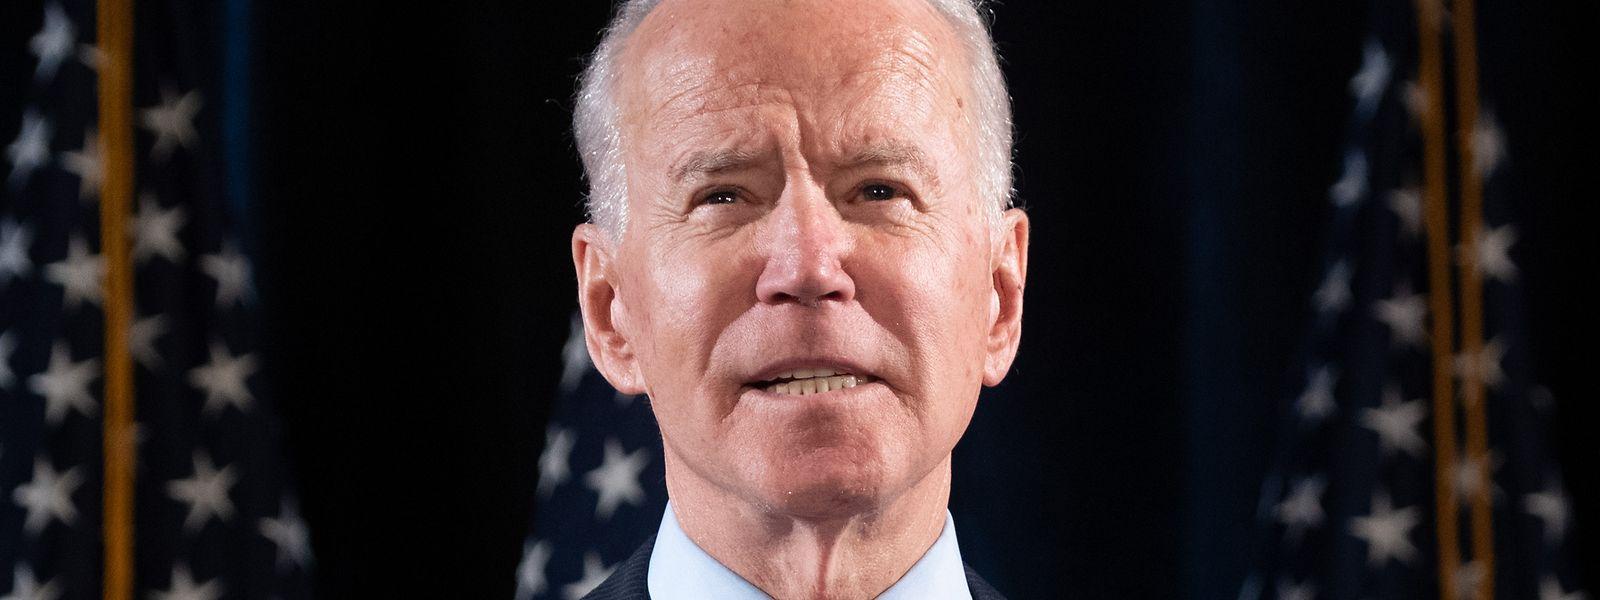 Joe Biden ist derzeit auf dem besten Weg, Präsidentschaftskandidat der Demokraten zu werden.